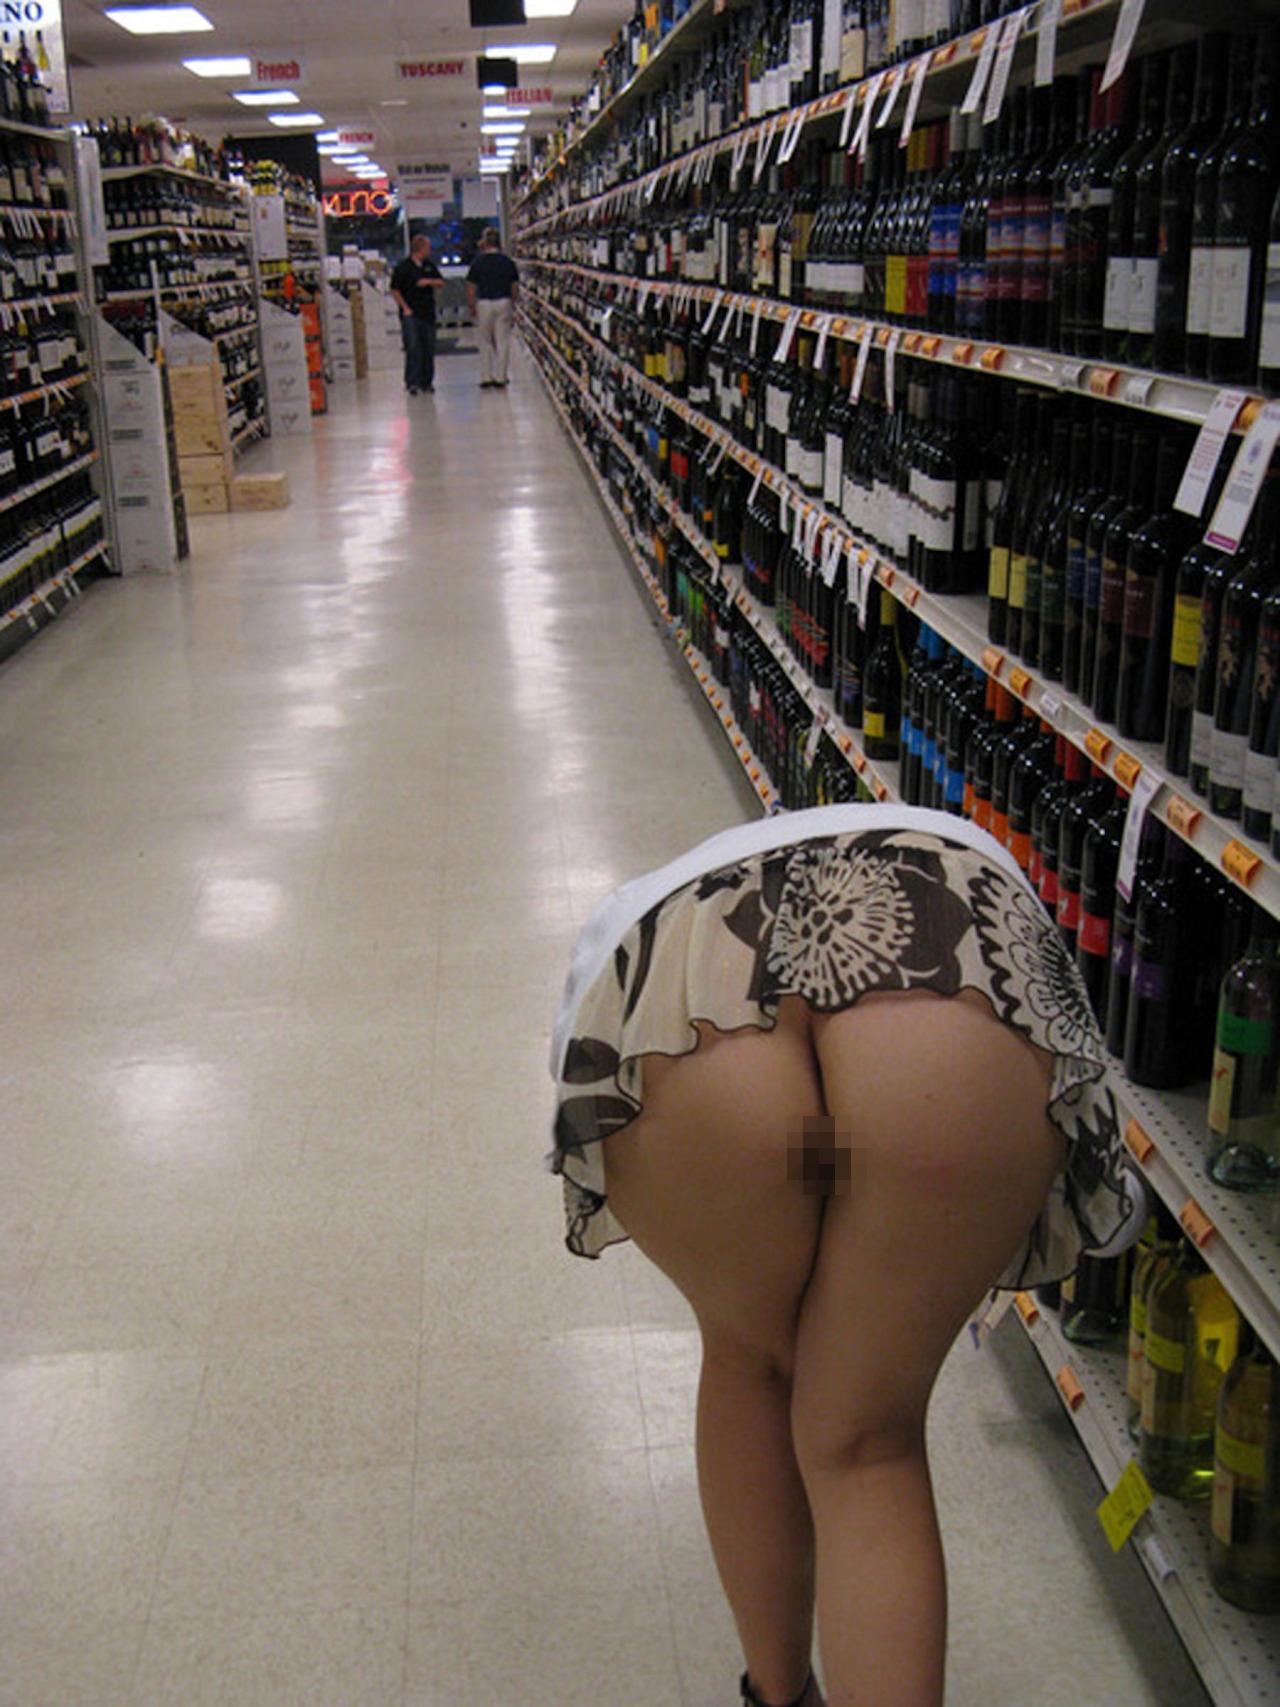 際スーパーで挑発してくるパンチラ女、、思ったよりイける。(28名)・17枚目